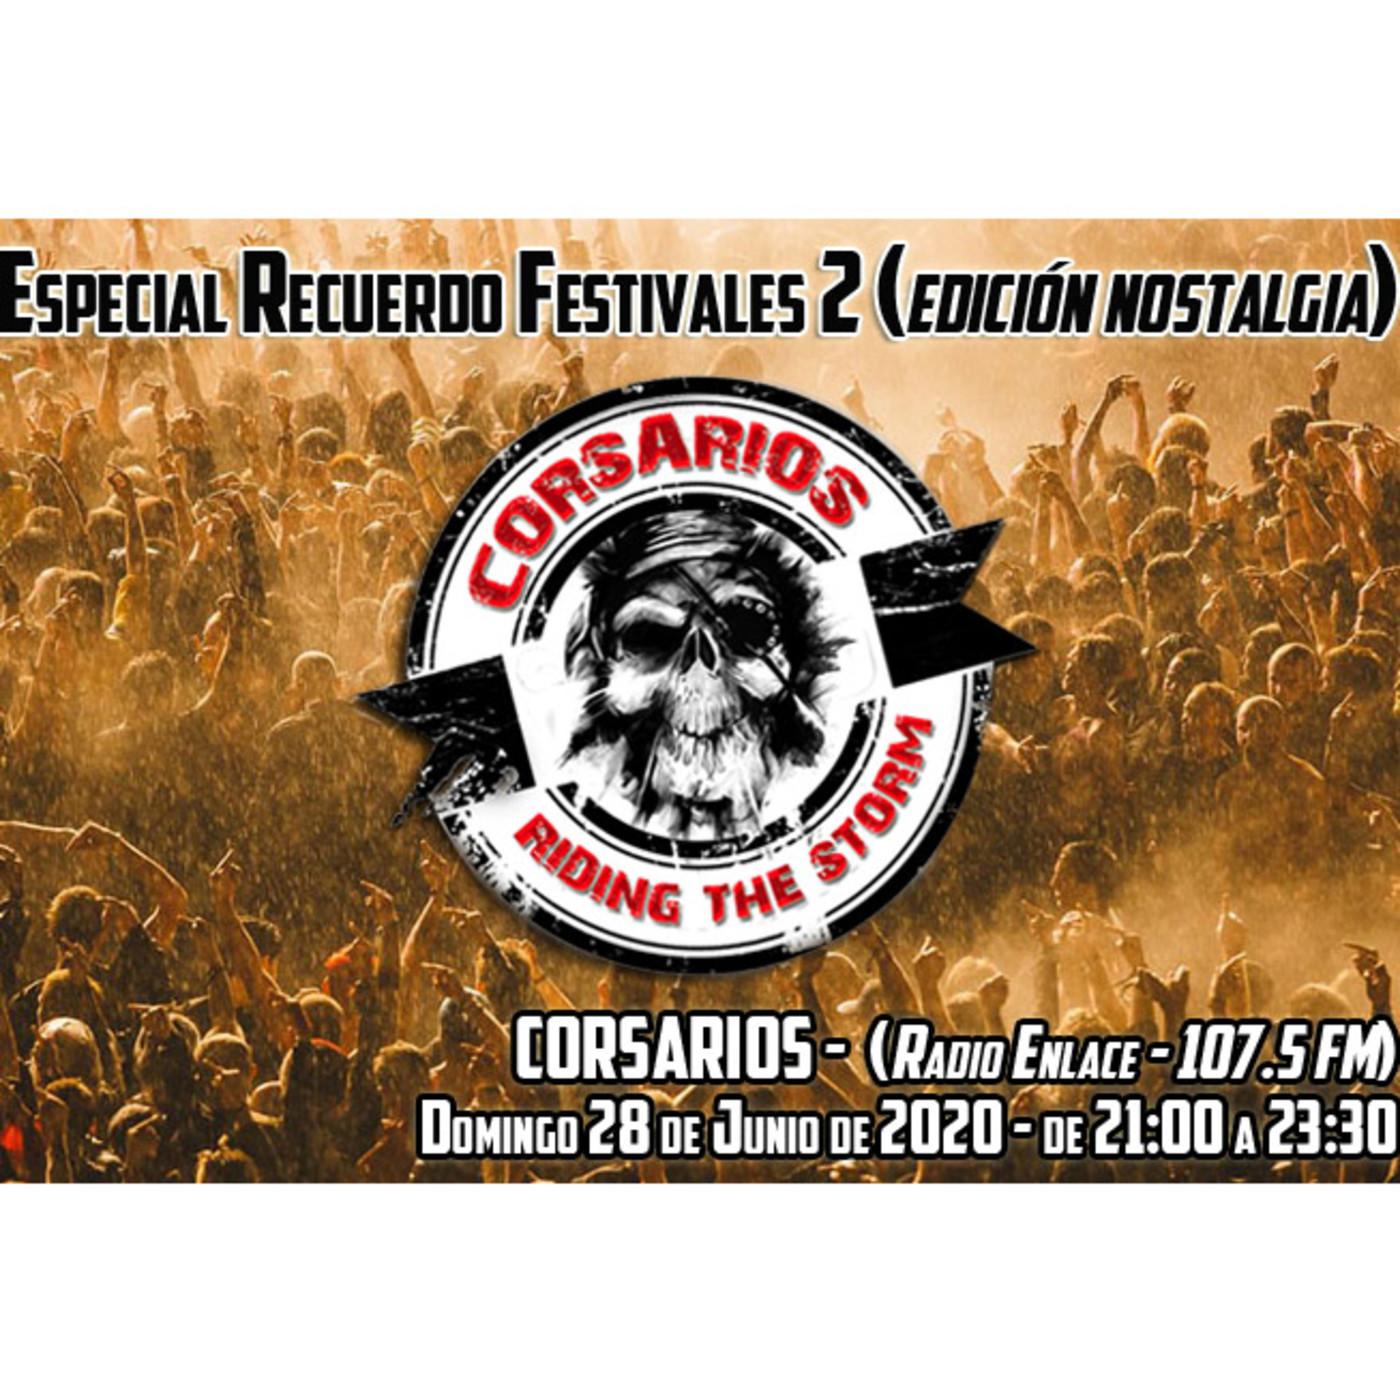 Corsarios - Especial Festivales 2 (edición nostalgia) - Domingo 29 junio 2020